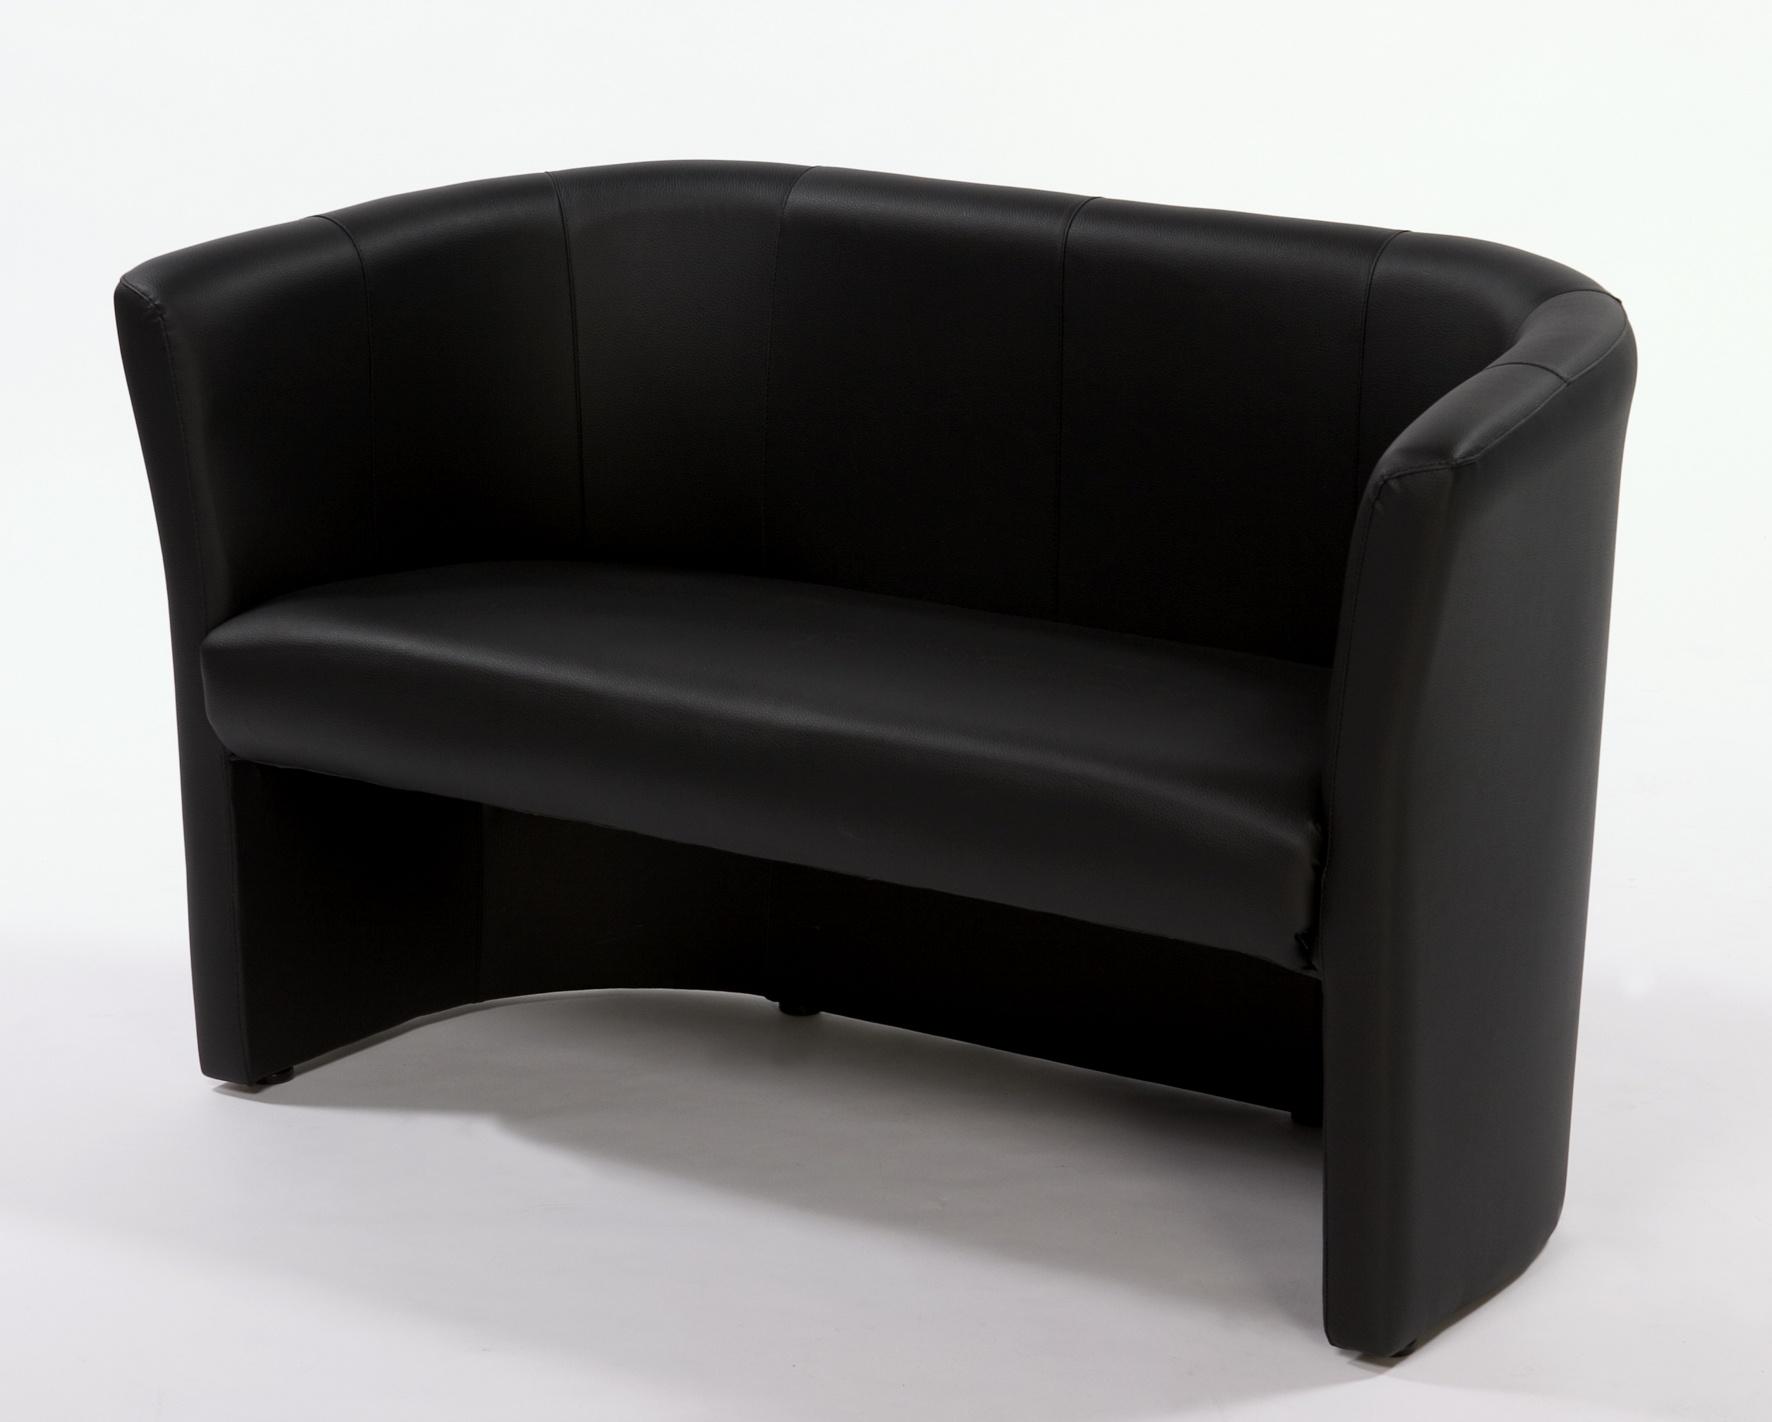 Aurel 2 sits